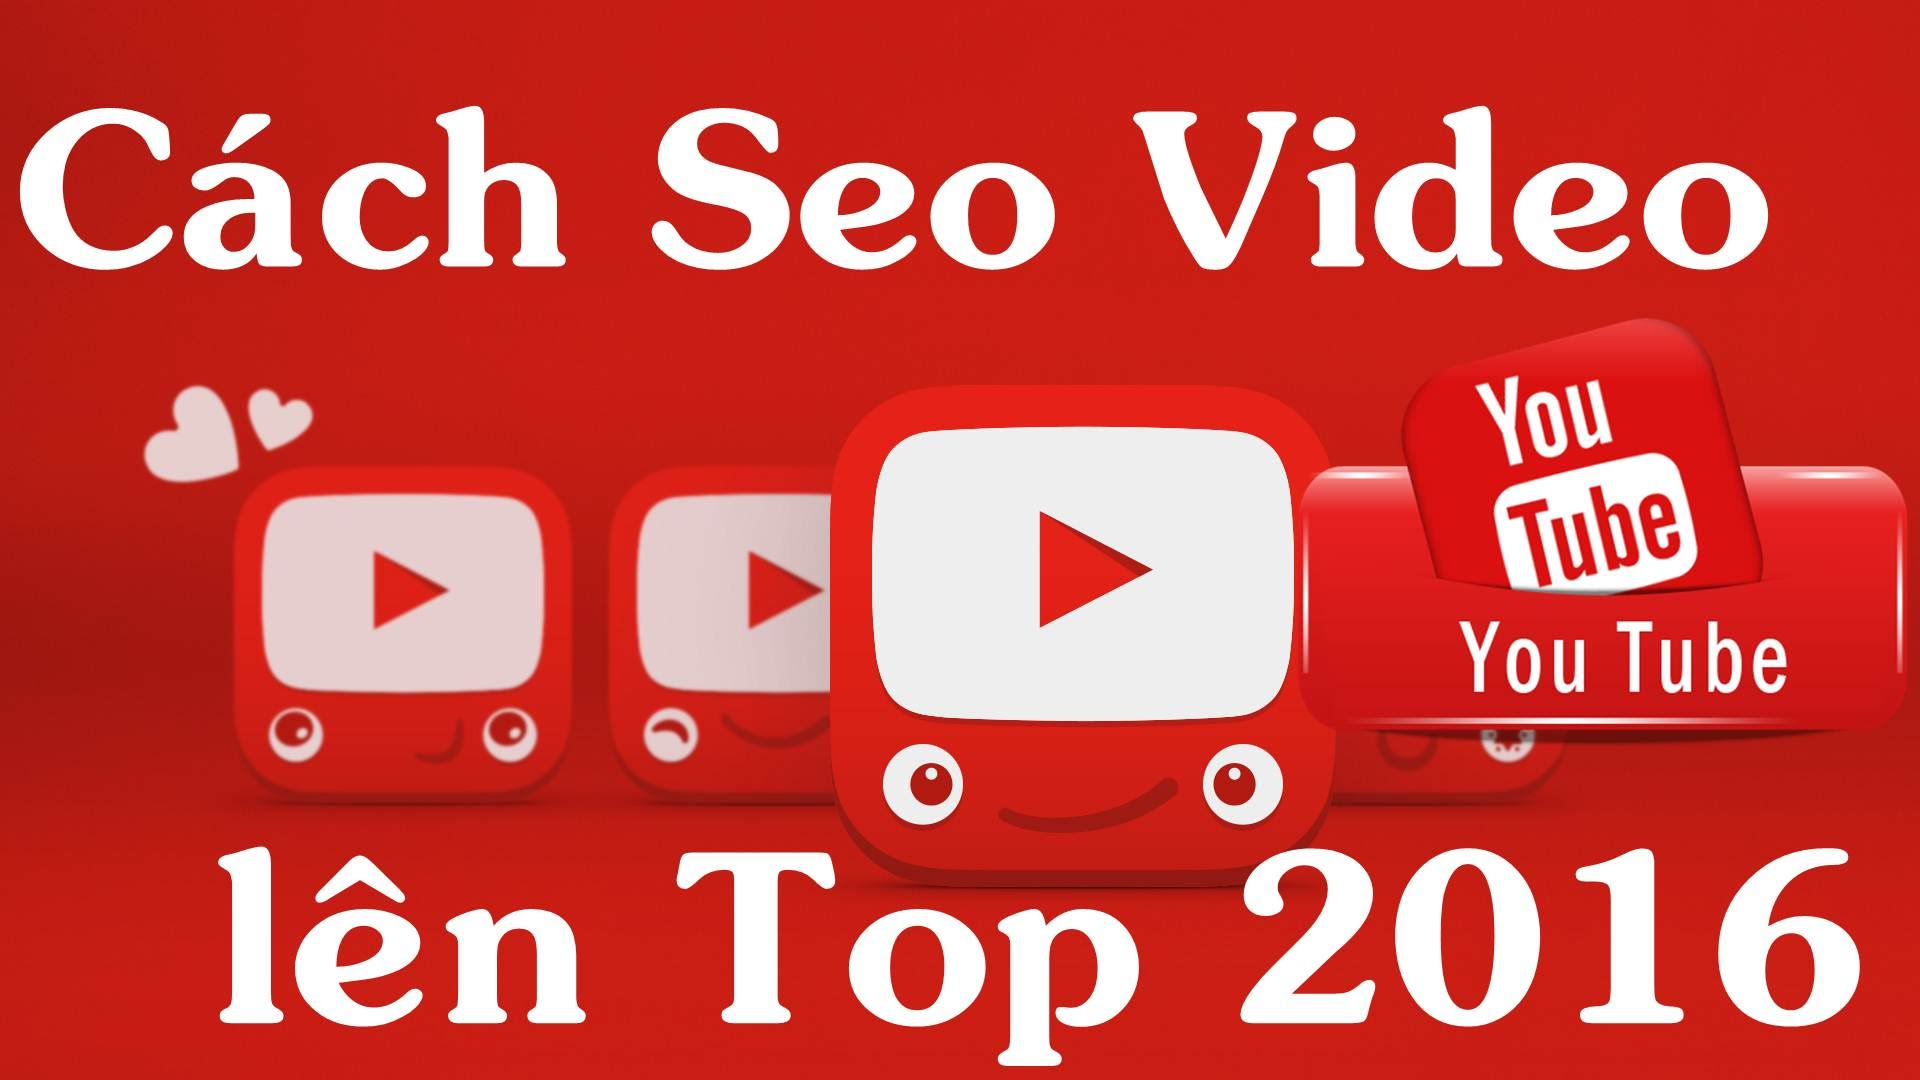 Giới Thiệu Cách Seo Video Lên Top Hiệu Quả Nhất?